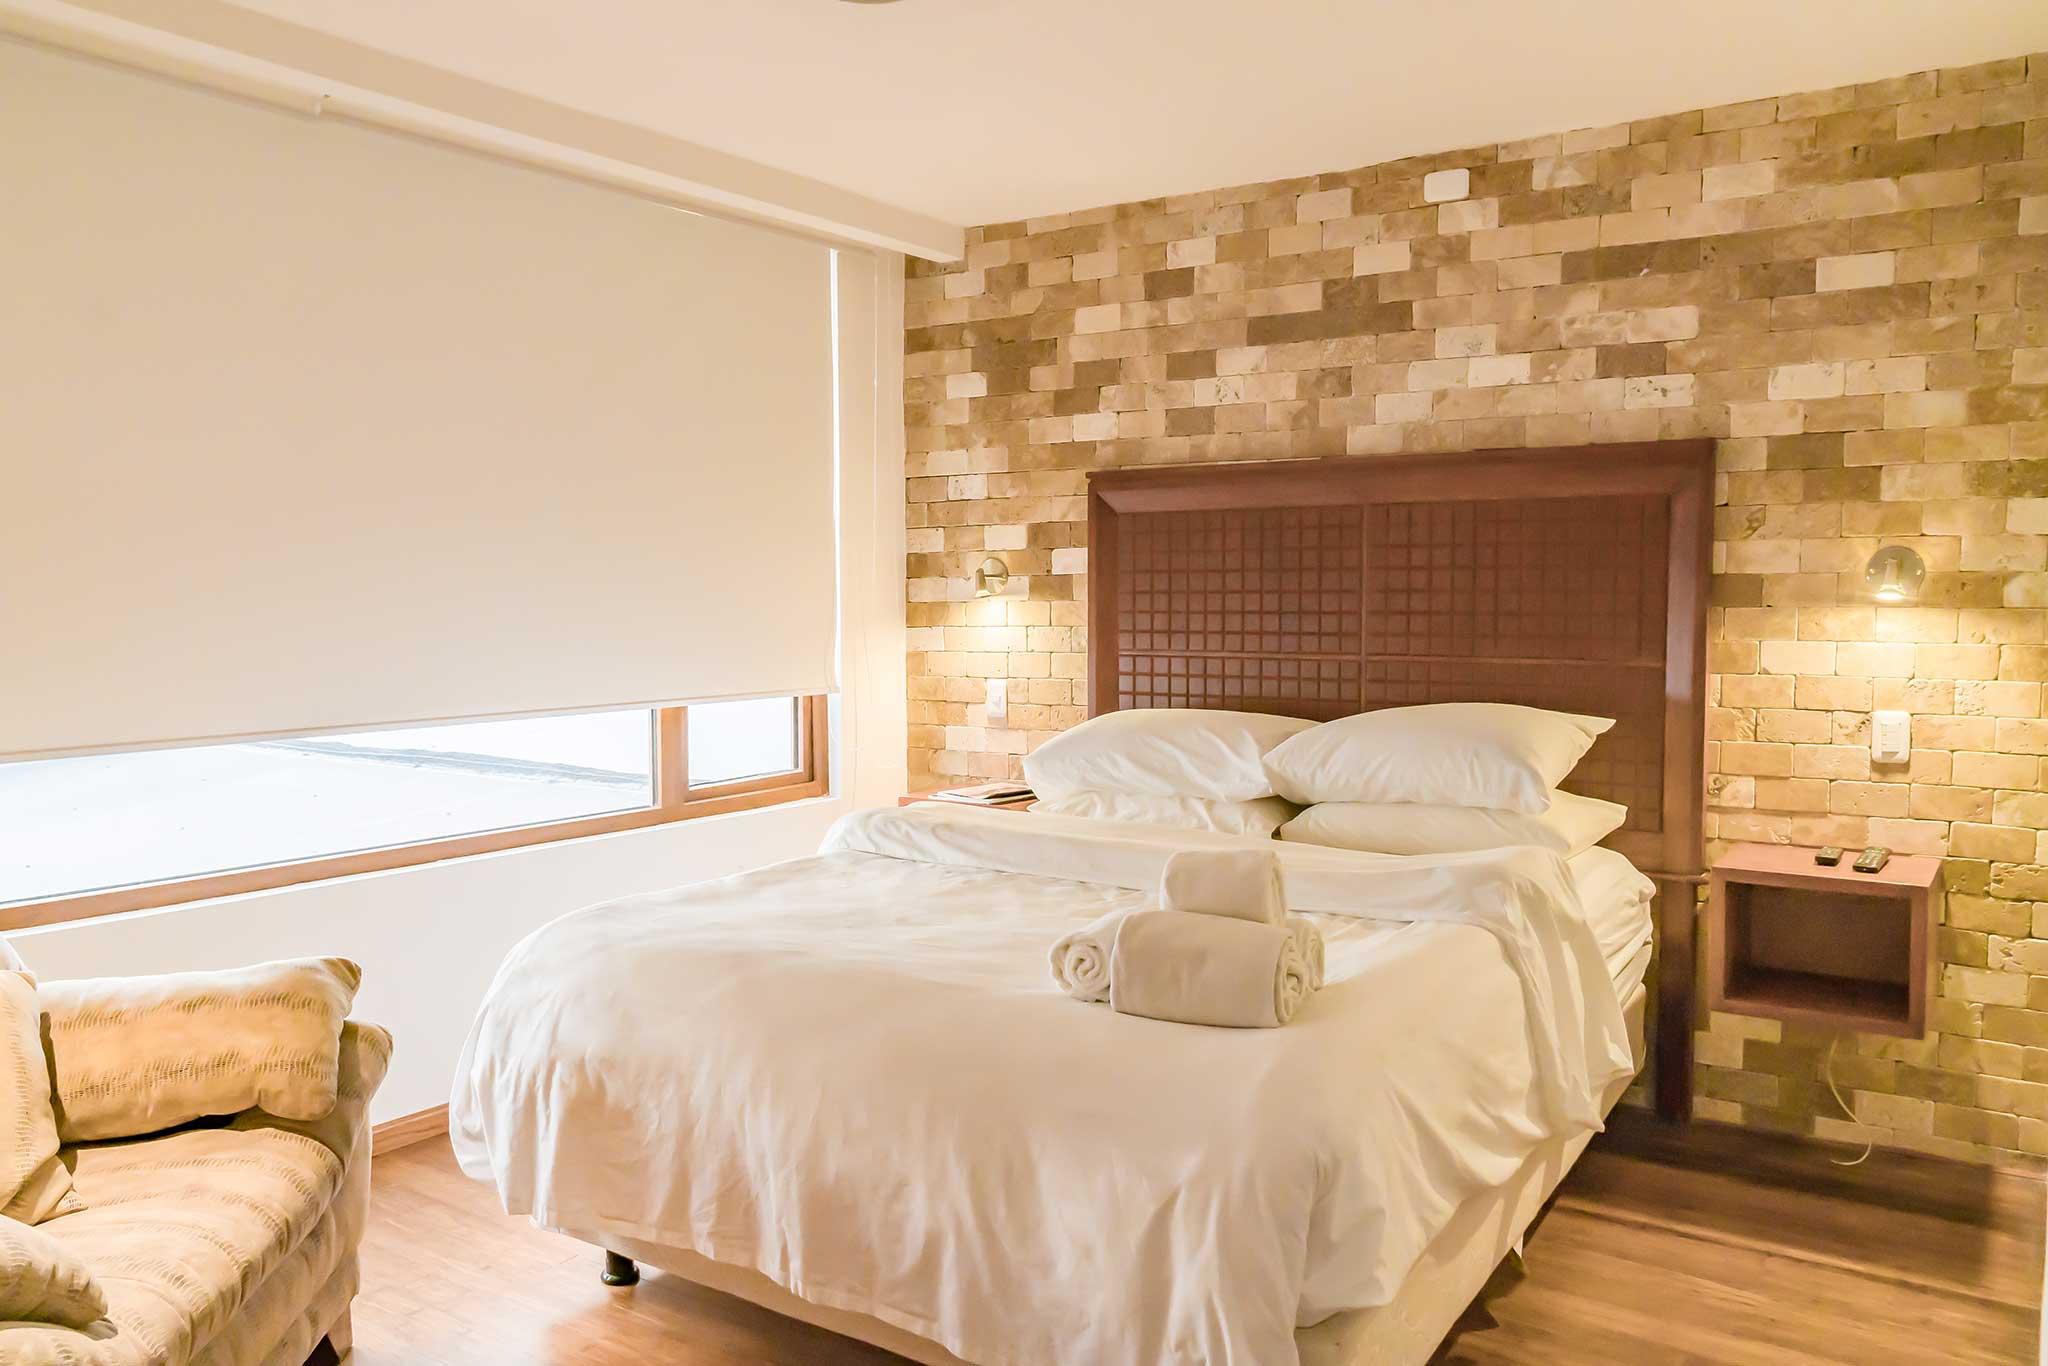 Numero 2 - Piso 2 Habitacion con cortinas.jpg